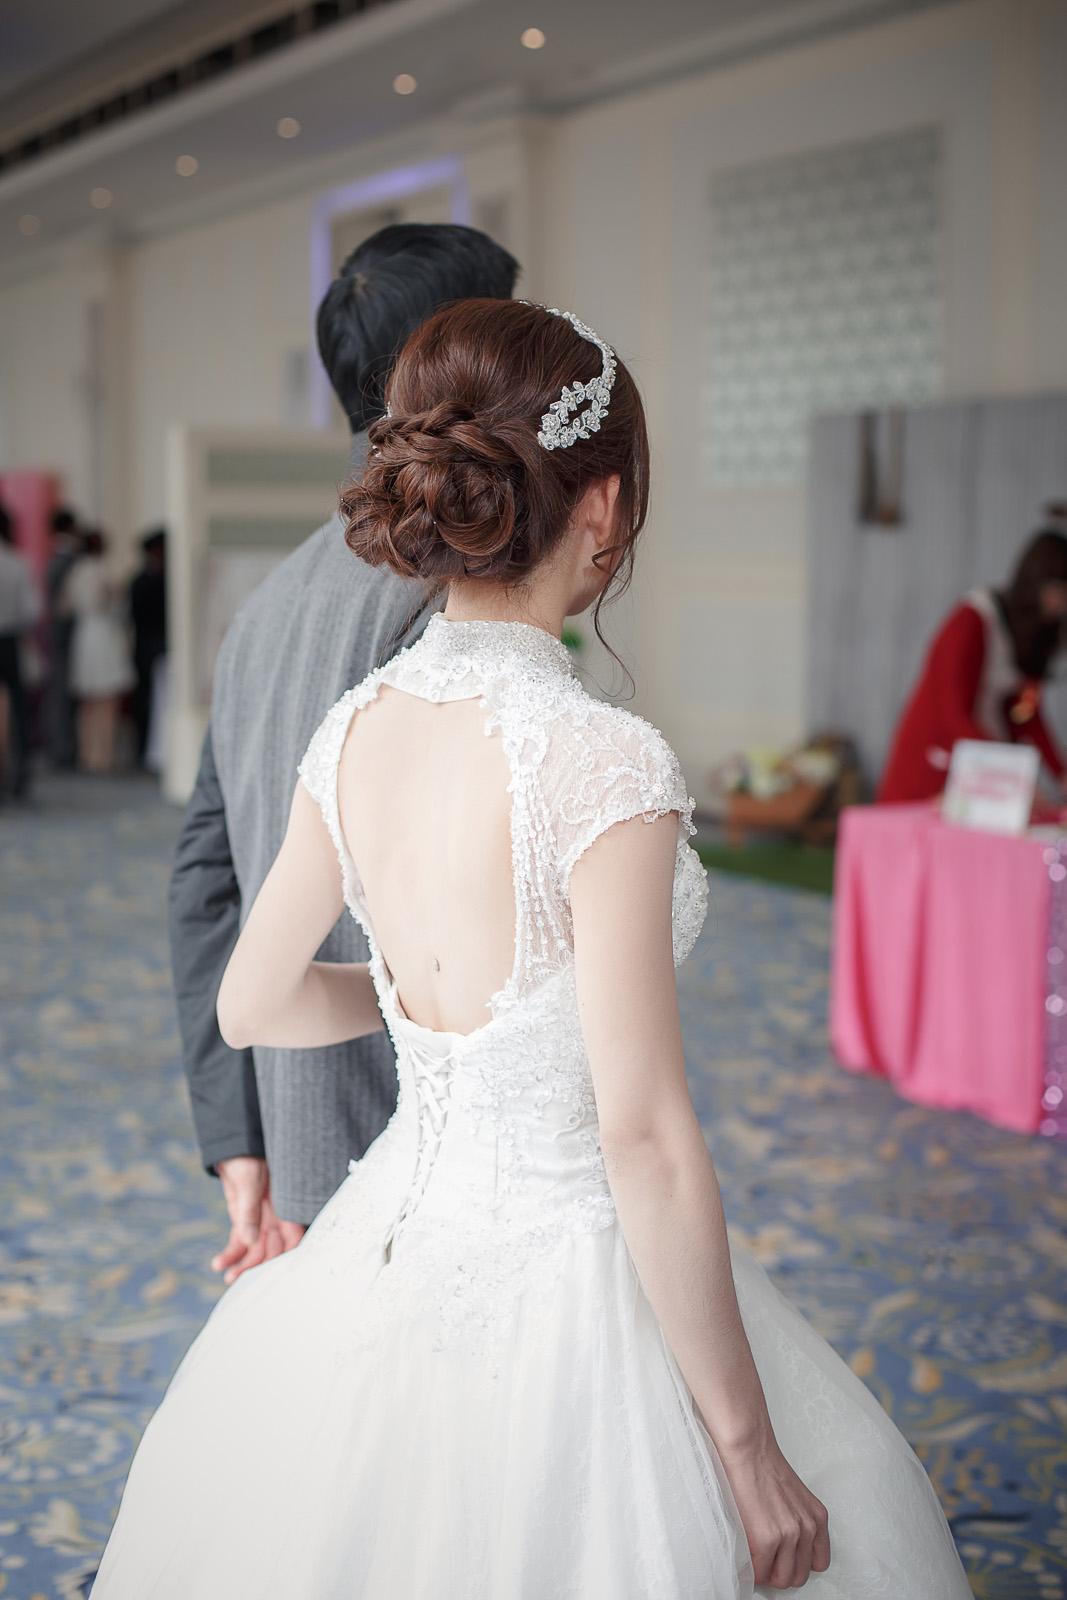 高雄圓山飯店,婚禮攝影,婚攝,高雄婚攝,優質婚攝推薦,Jen&Ethan-232